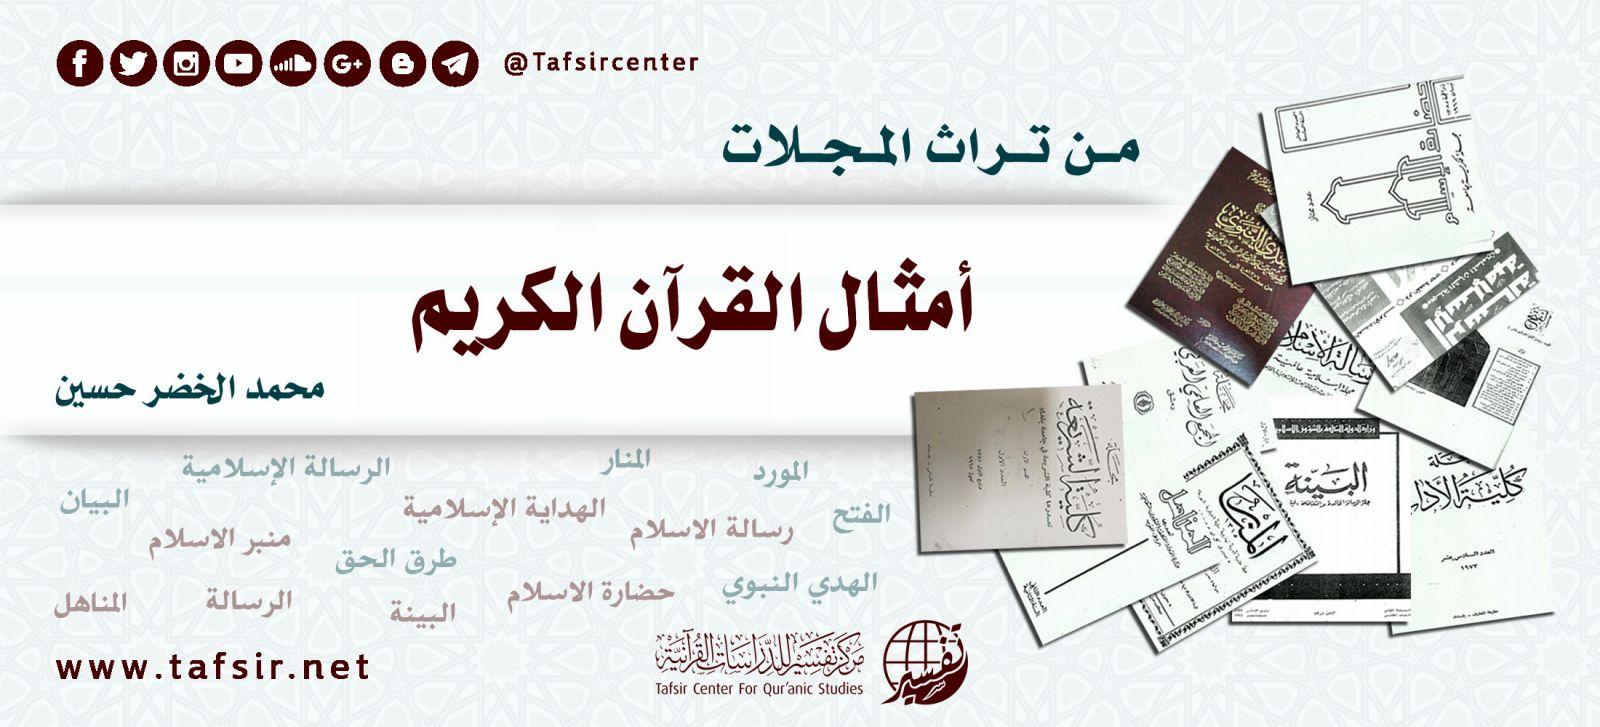 أمثال القرآن الكريم Tafsir Center For Quranic Studies